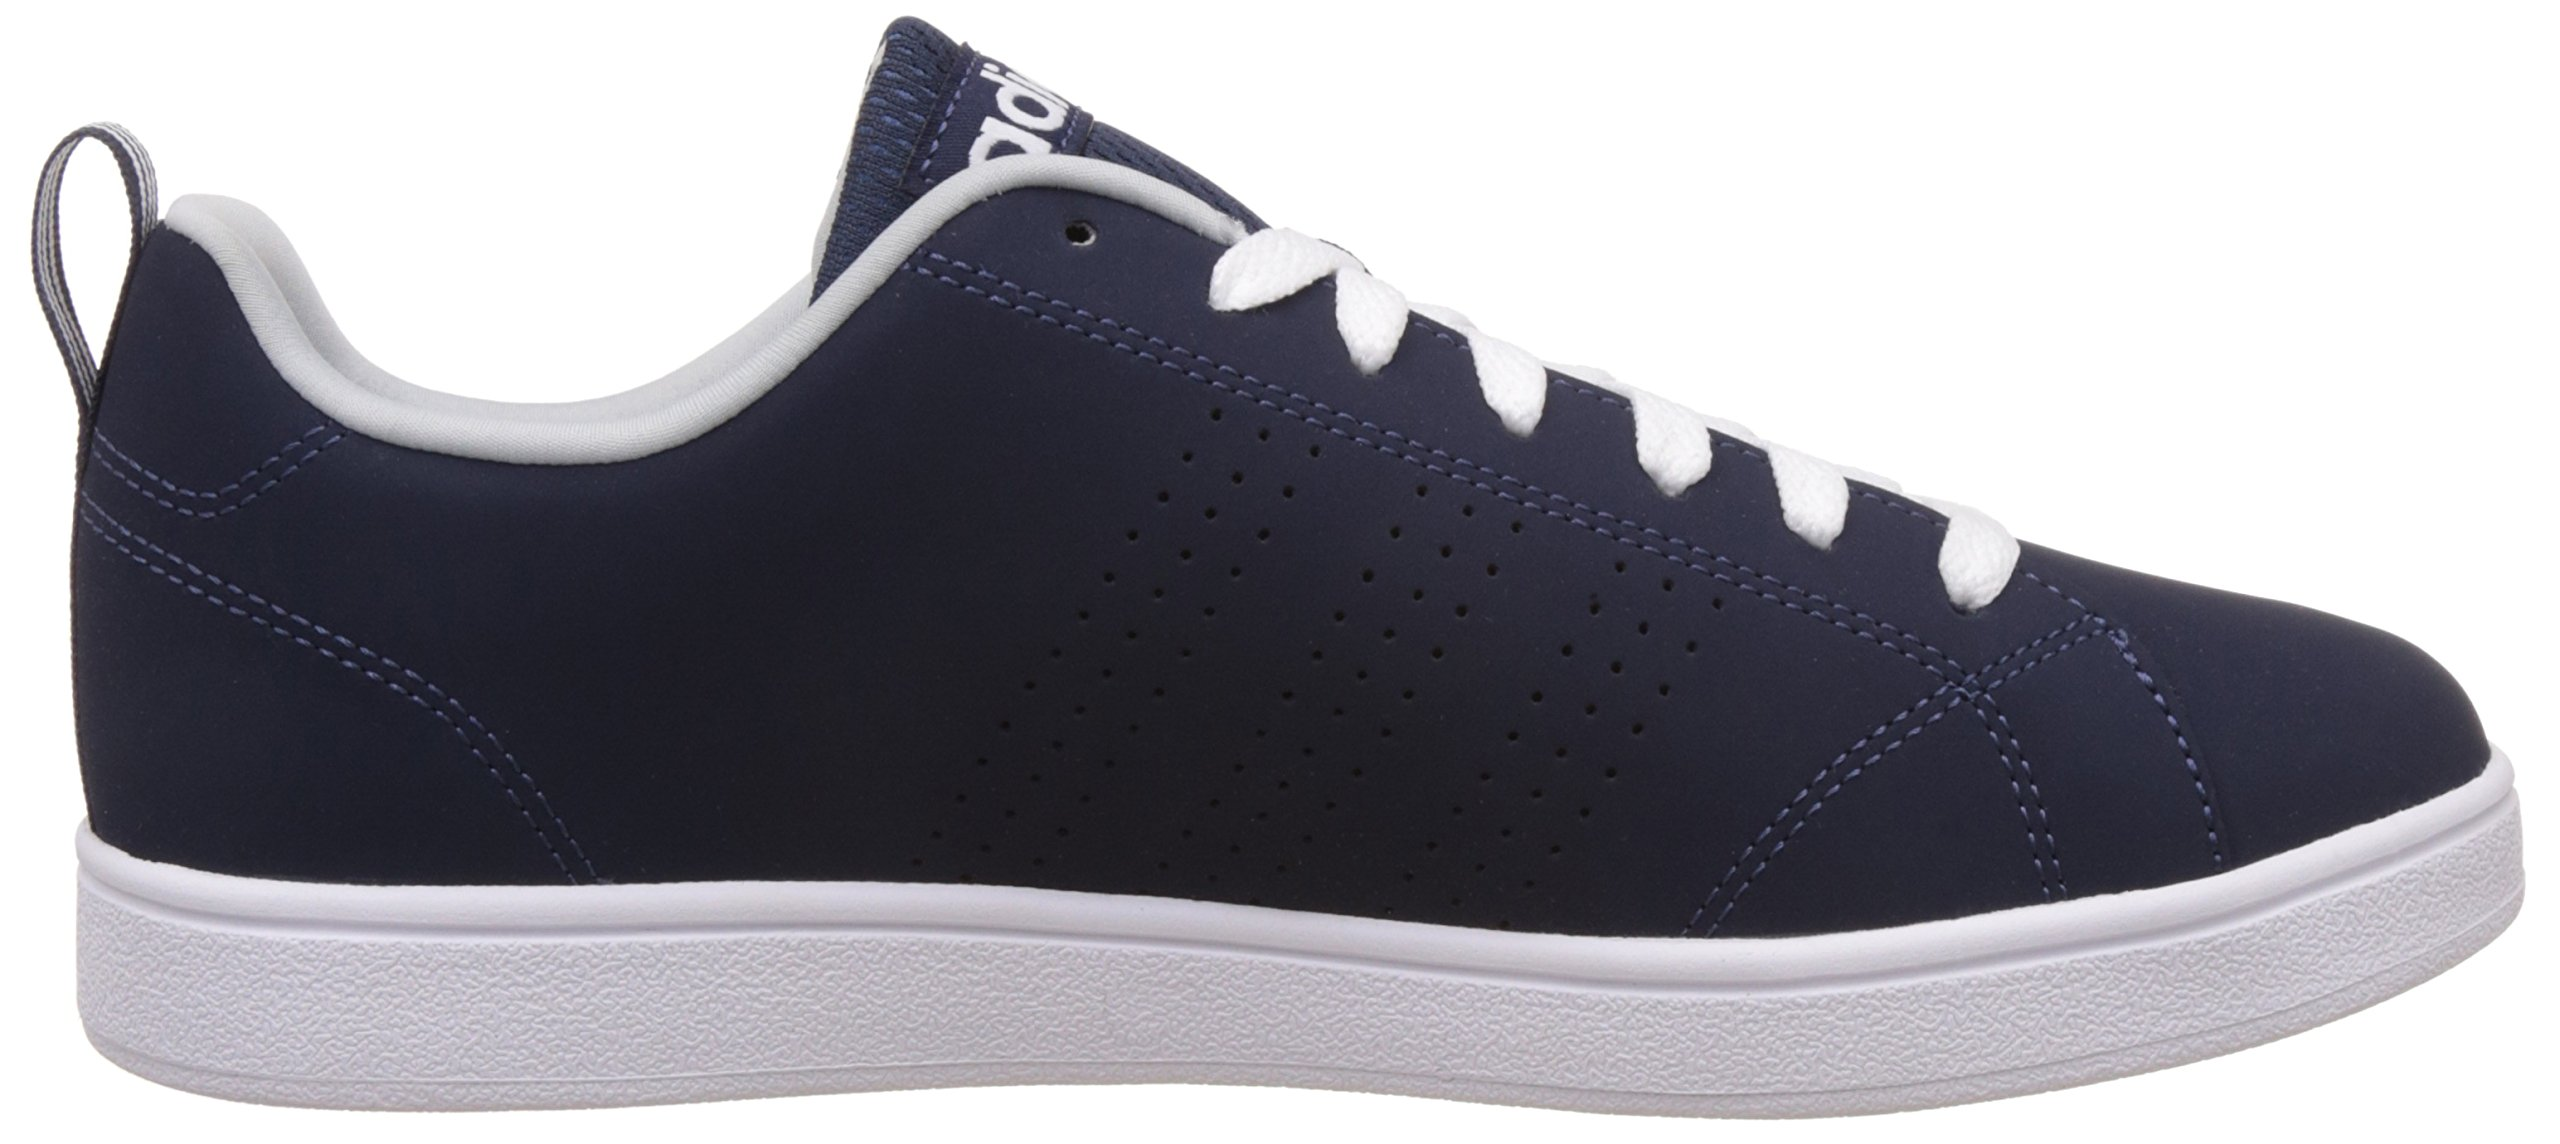 low cost ac416 e6f20 Adidas NEO Advantage Clean VS, Scarpe da Ginnastica Uomo